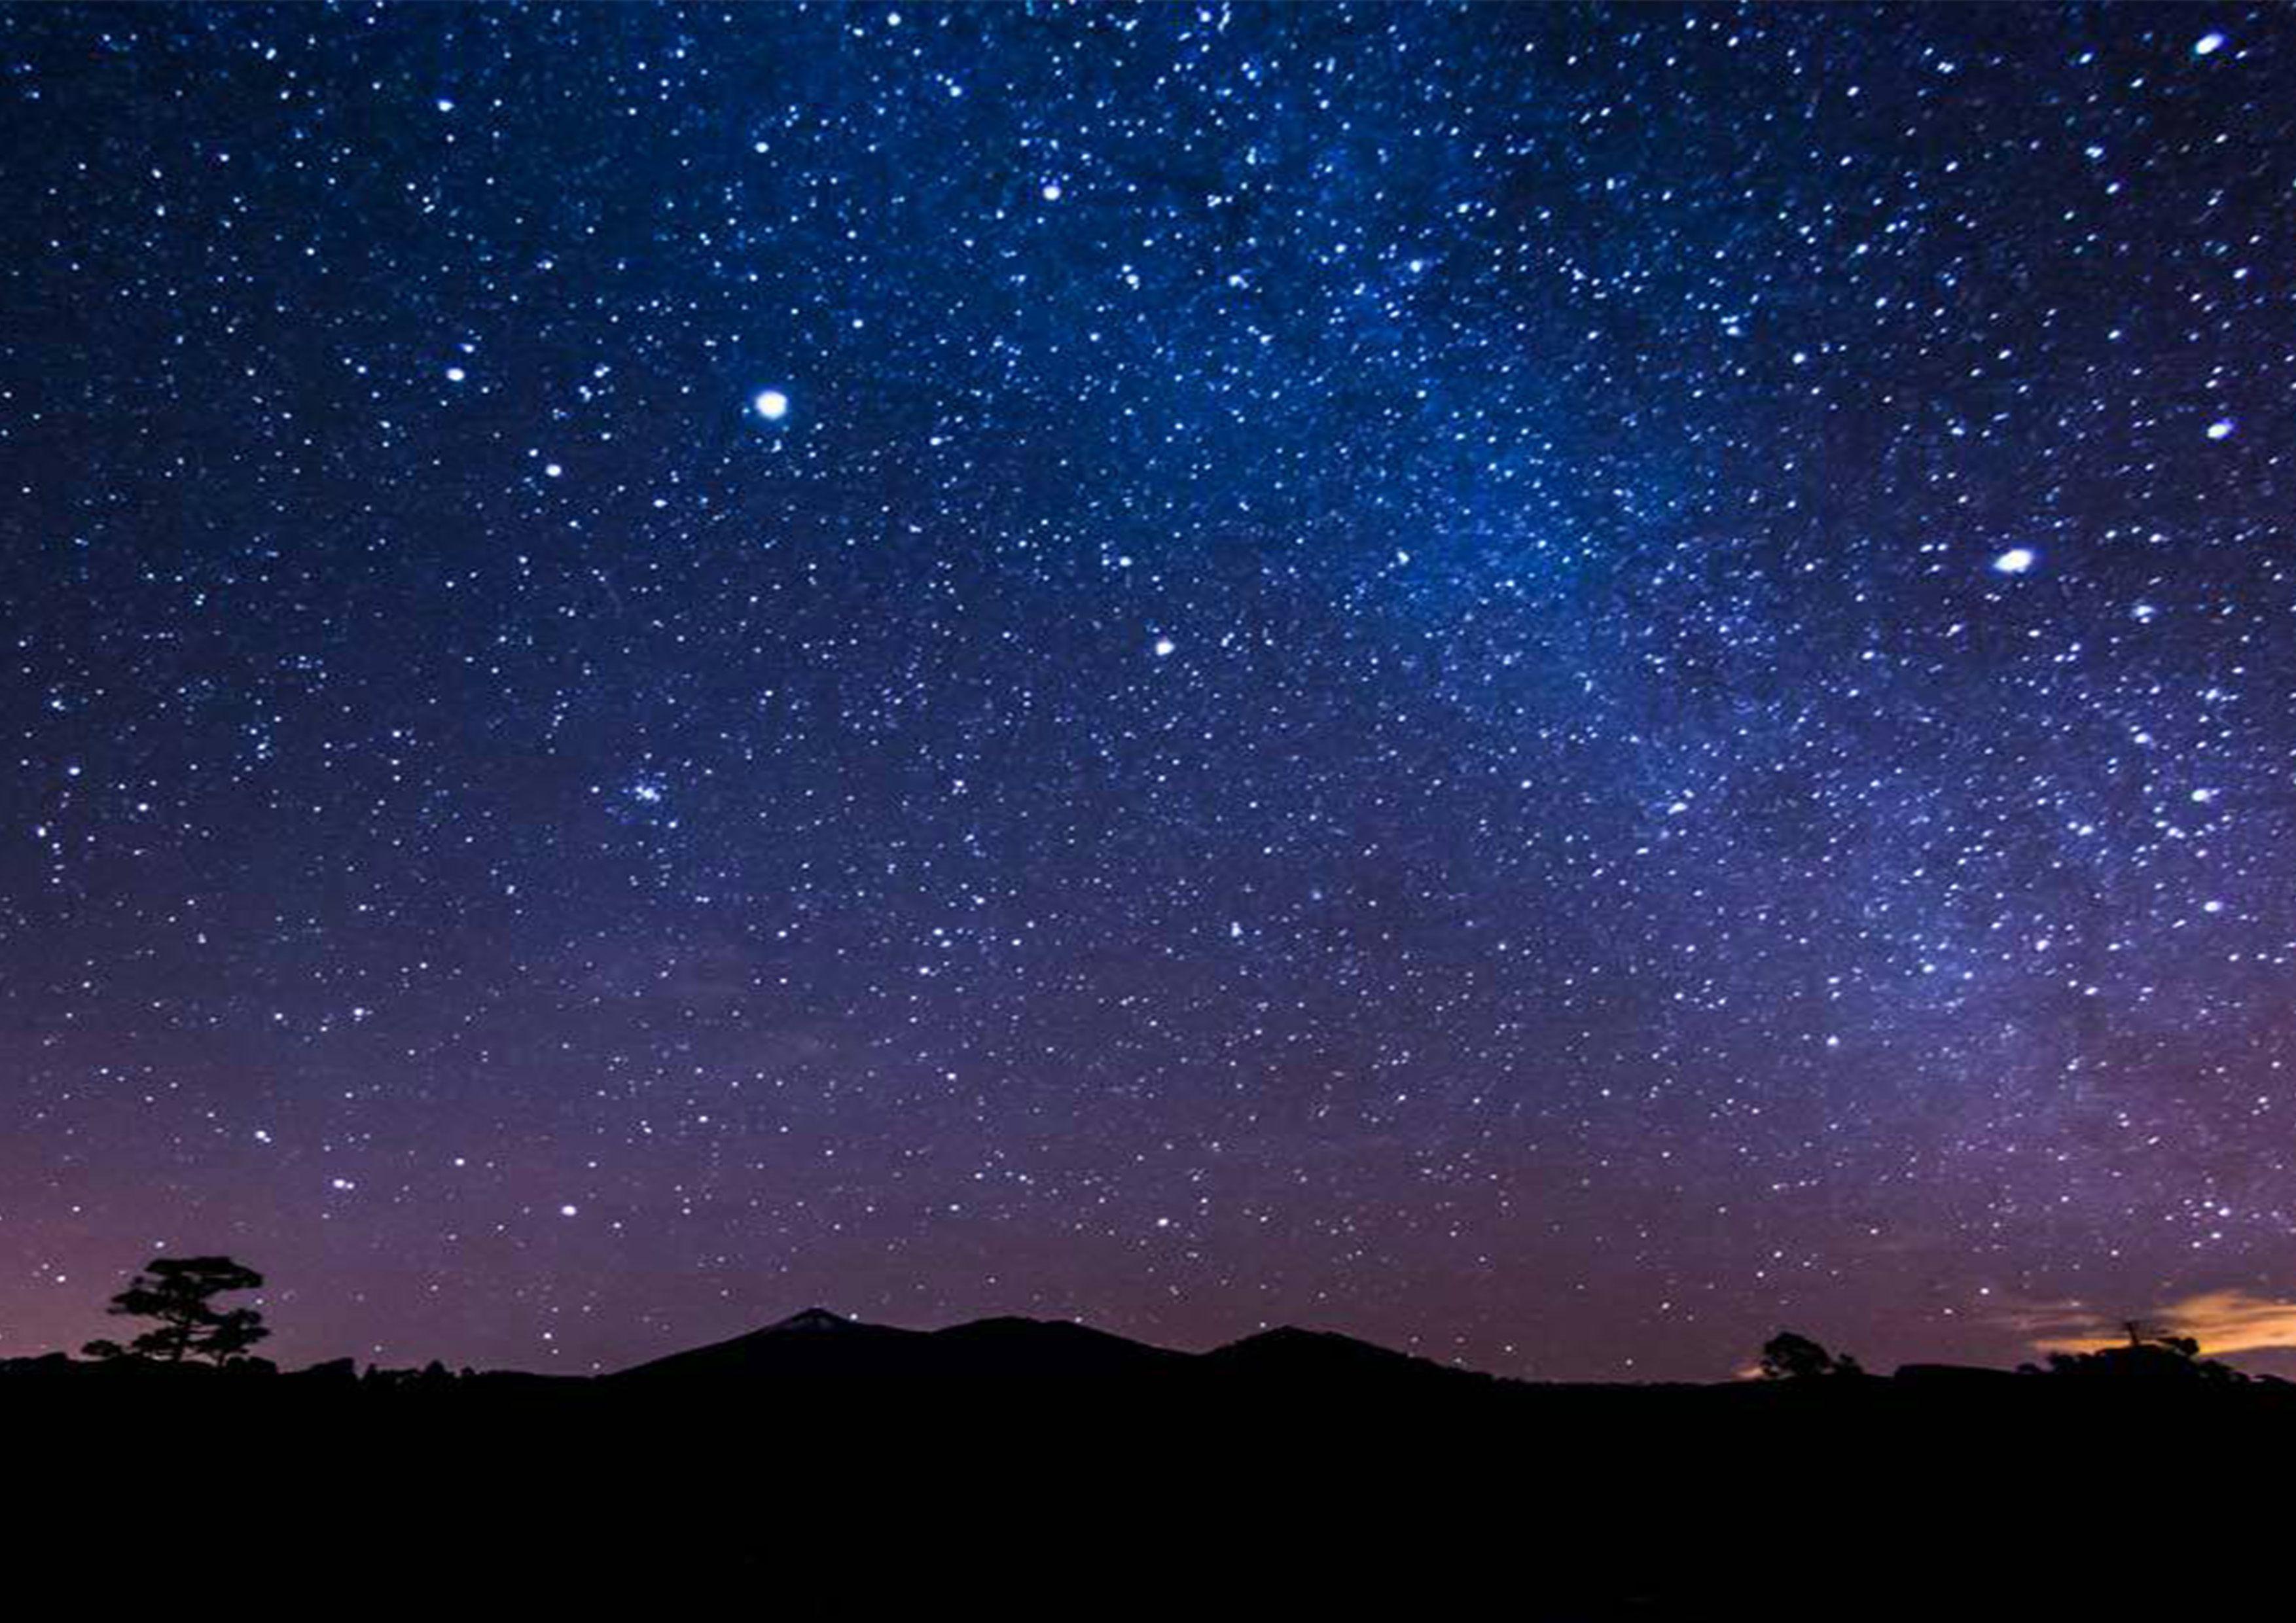 ستار جسم سماوي الفضاء نجوم الخلفية Coole Dingen